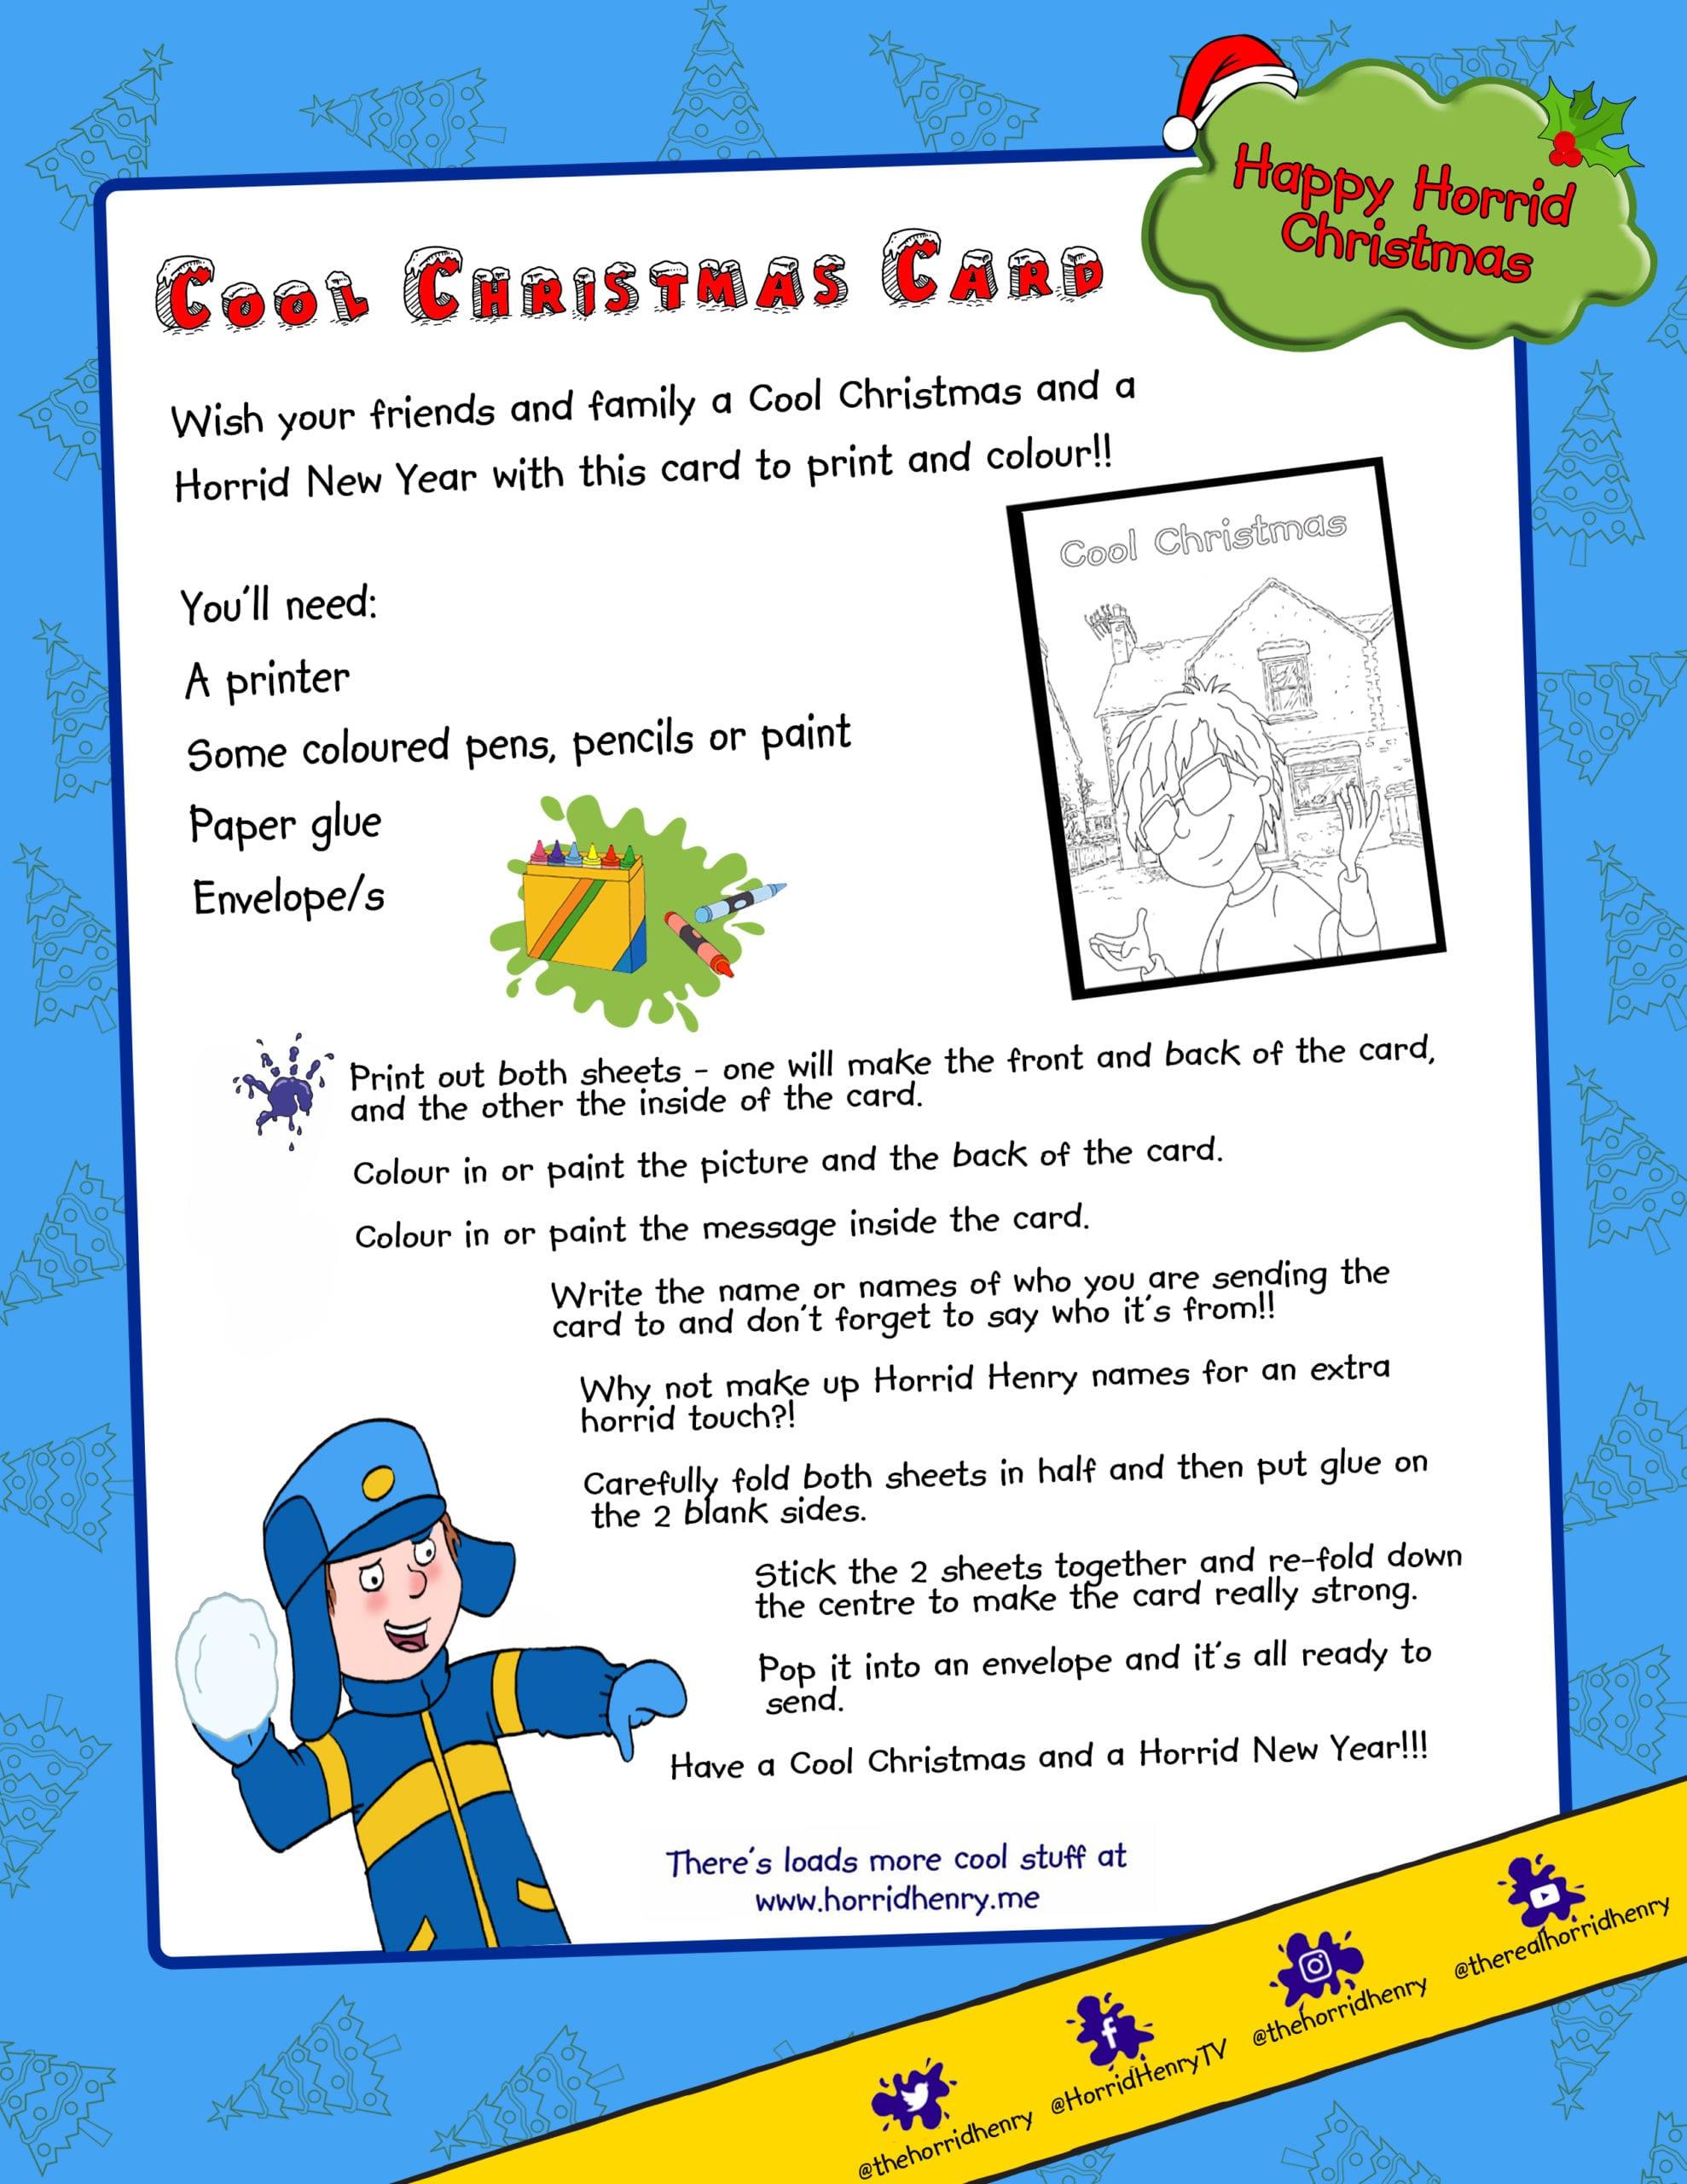 Horrid Henry Christmas Card